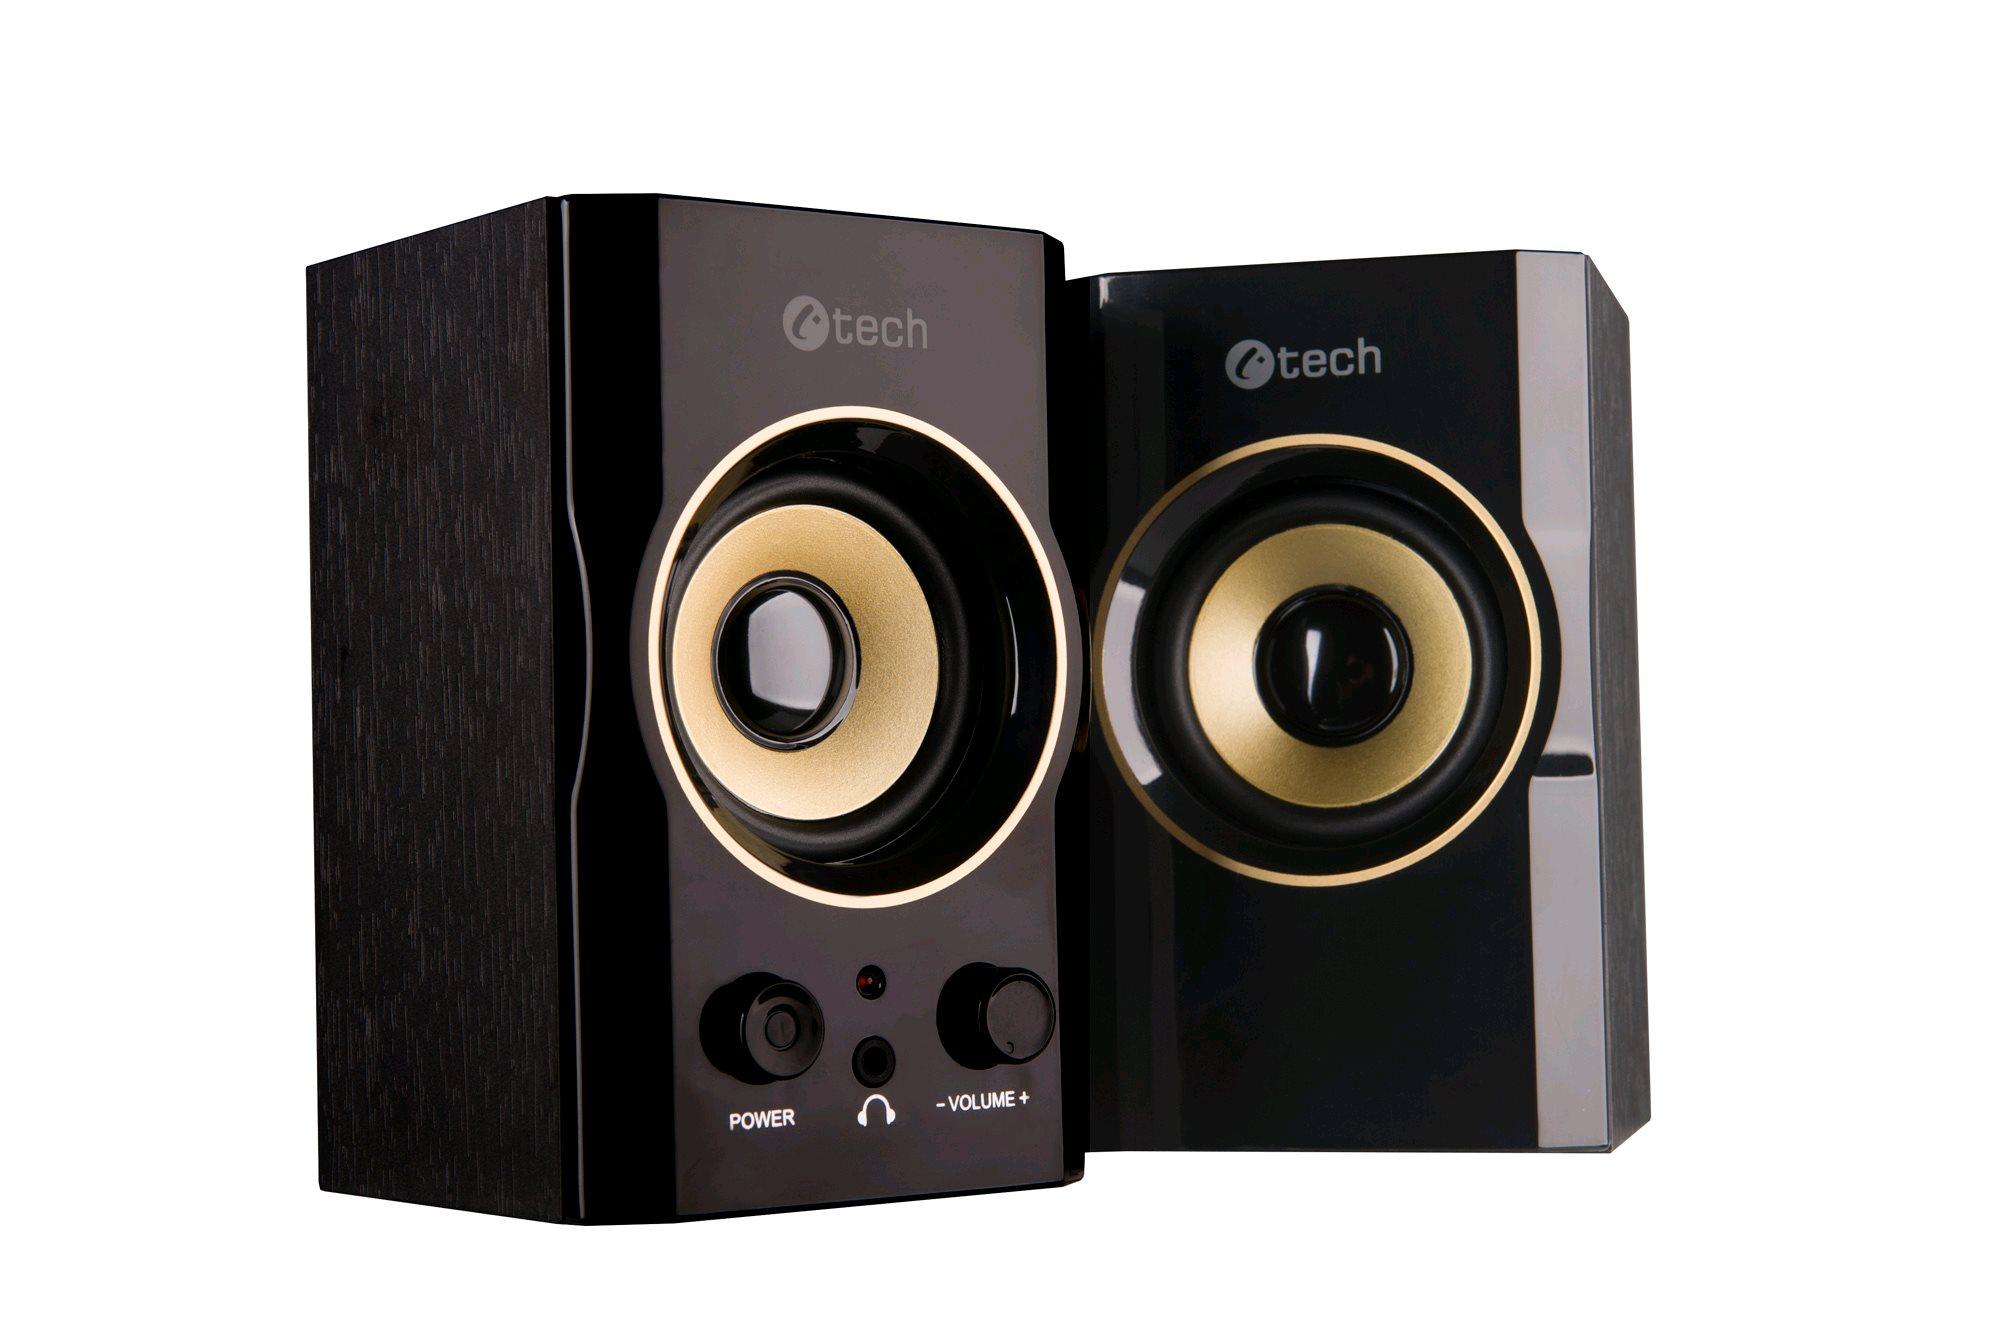 repro C-TECH SPK-11, 2.0, dřevěné, černo-zlaté, USB - SPK-11